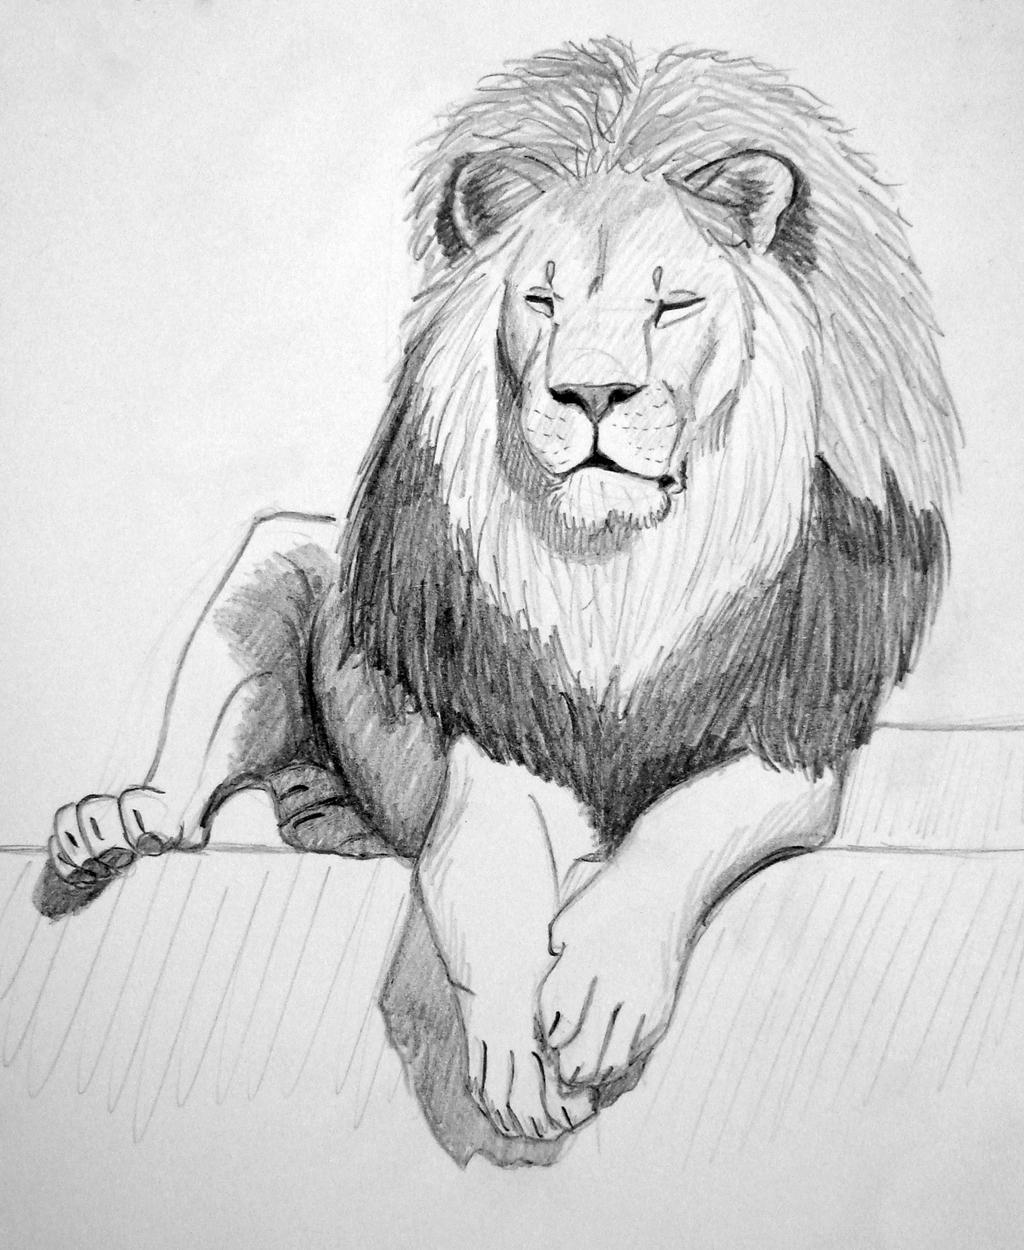 lion_10___sleepy_one_by_kiaraslz_dcr7dxa-fullview.jpg?token=eyJ0eXAiOiJKV1QiLCJhbGciOiJIUzI1NiJ9.eyJzdWIiOiJ1cm46YXBwOjdlMGQxODg5ODIyNjQzNzNhNWYwZDQxNWVhMGQyNmUwIiwiaXNzIjoidXJuOmFwcDo3ZTBkMTg4OTgyMjY0MzczYTVmMGQ0MTVlYTBkMjZlMCIsIm9iaiI6W1t7ImhlaWdodCI6Ijw9MTI1MCIsInBhdGgiOiJcL2ZcL2U5ZDkzYWFmLTZkOGItNDdiZS04OTNkLWU5N2NiM2ViNDFiMFwvZGNyN2R4YS0wMjY1ZmZhMS01OGZiLTQ2ZGMtYWZjOS01ZjVlMzlkNWRjMTcuanBnIiwid2lkdGgiOiI8PTEwMjQifV1dLCJhdWQiOlsidXJuOnNlcnZpY2U6aW1hZ2Uub3BlcmF0aW9ucyJdfQ.O29zu3MPyZyobVZMTnV69mid156FJszmzZda9tFxNwk